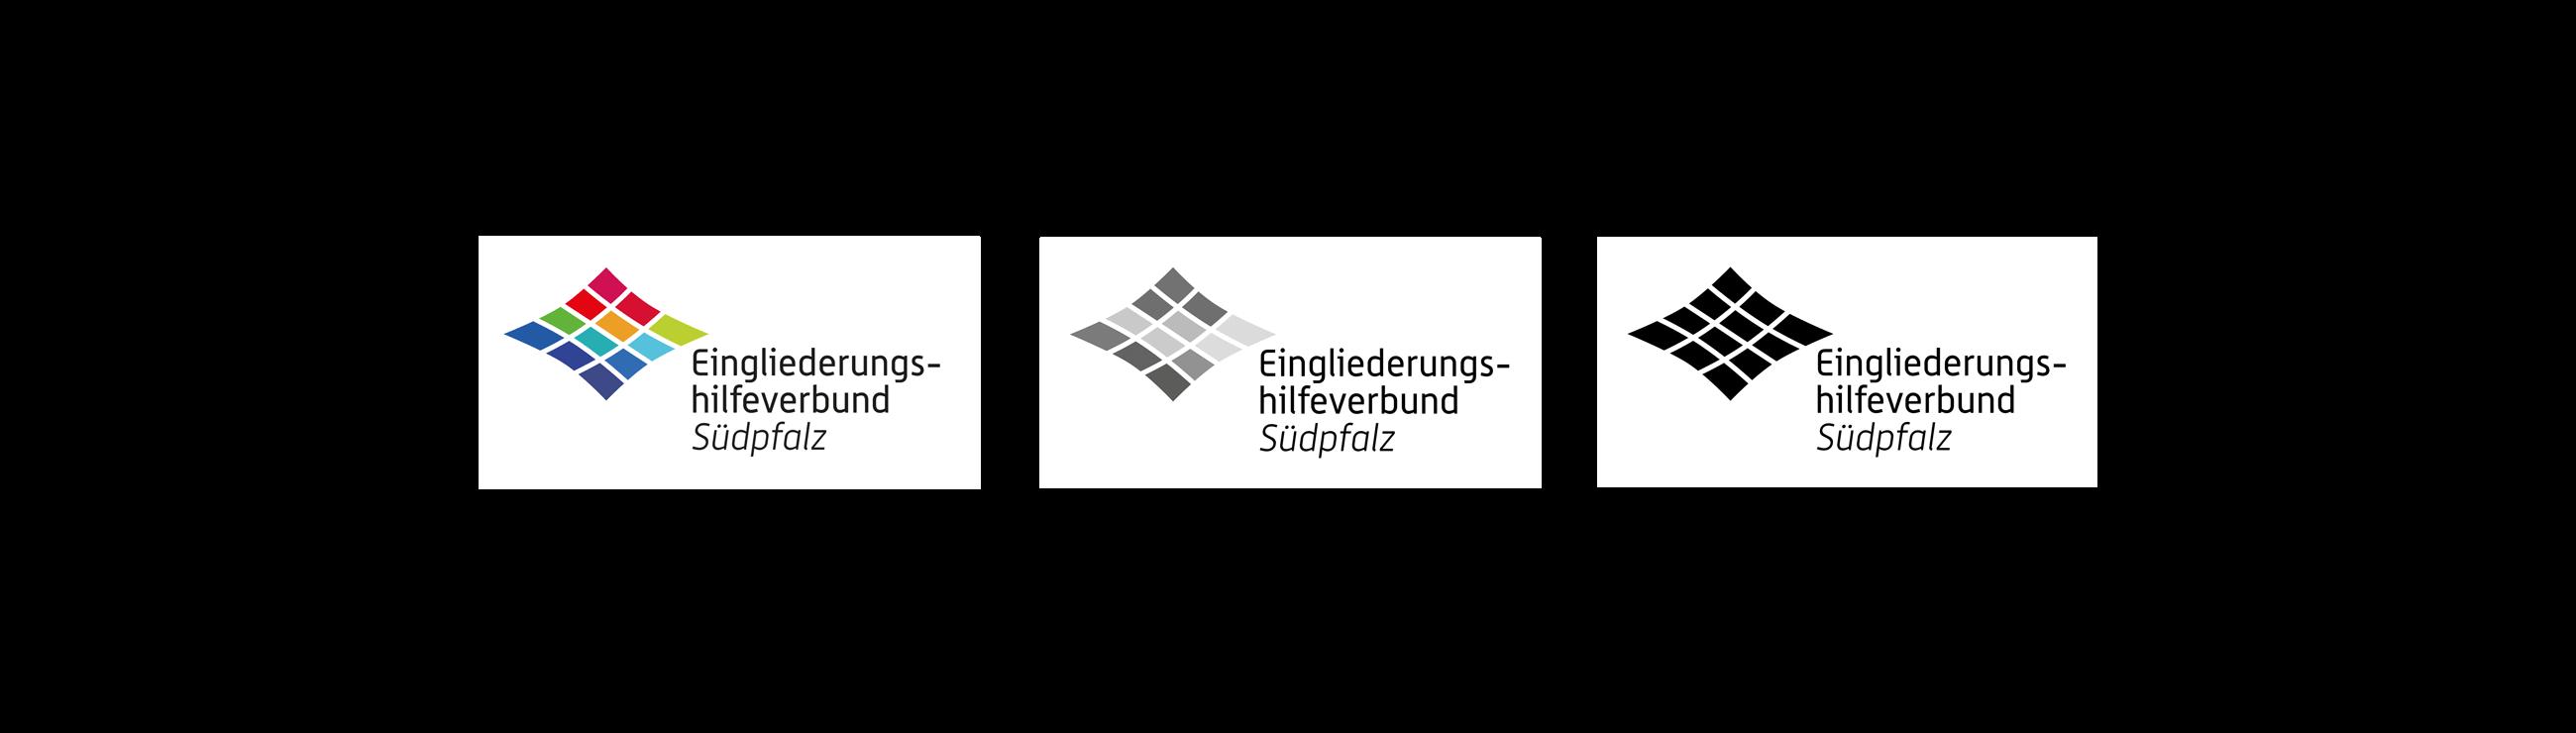 Eingliederungshilfeverbund Südpfalz